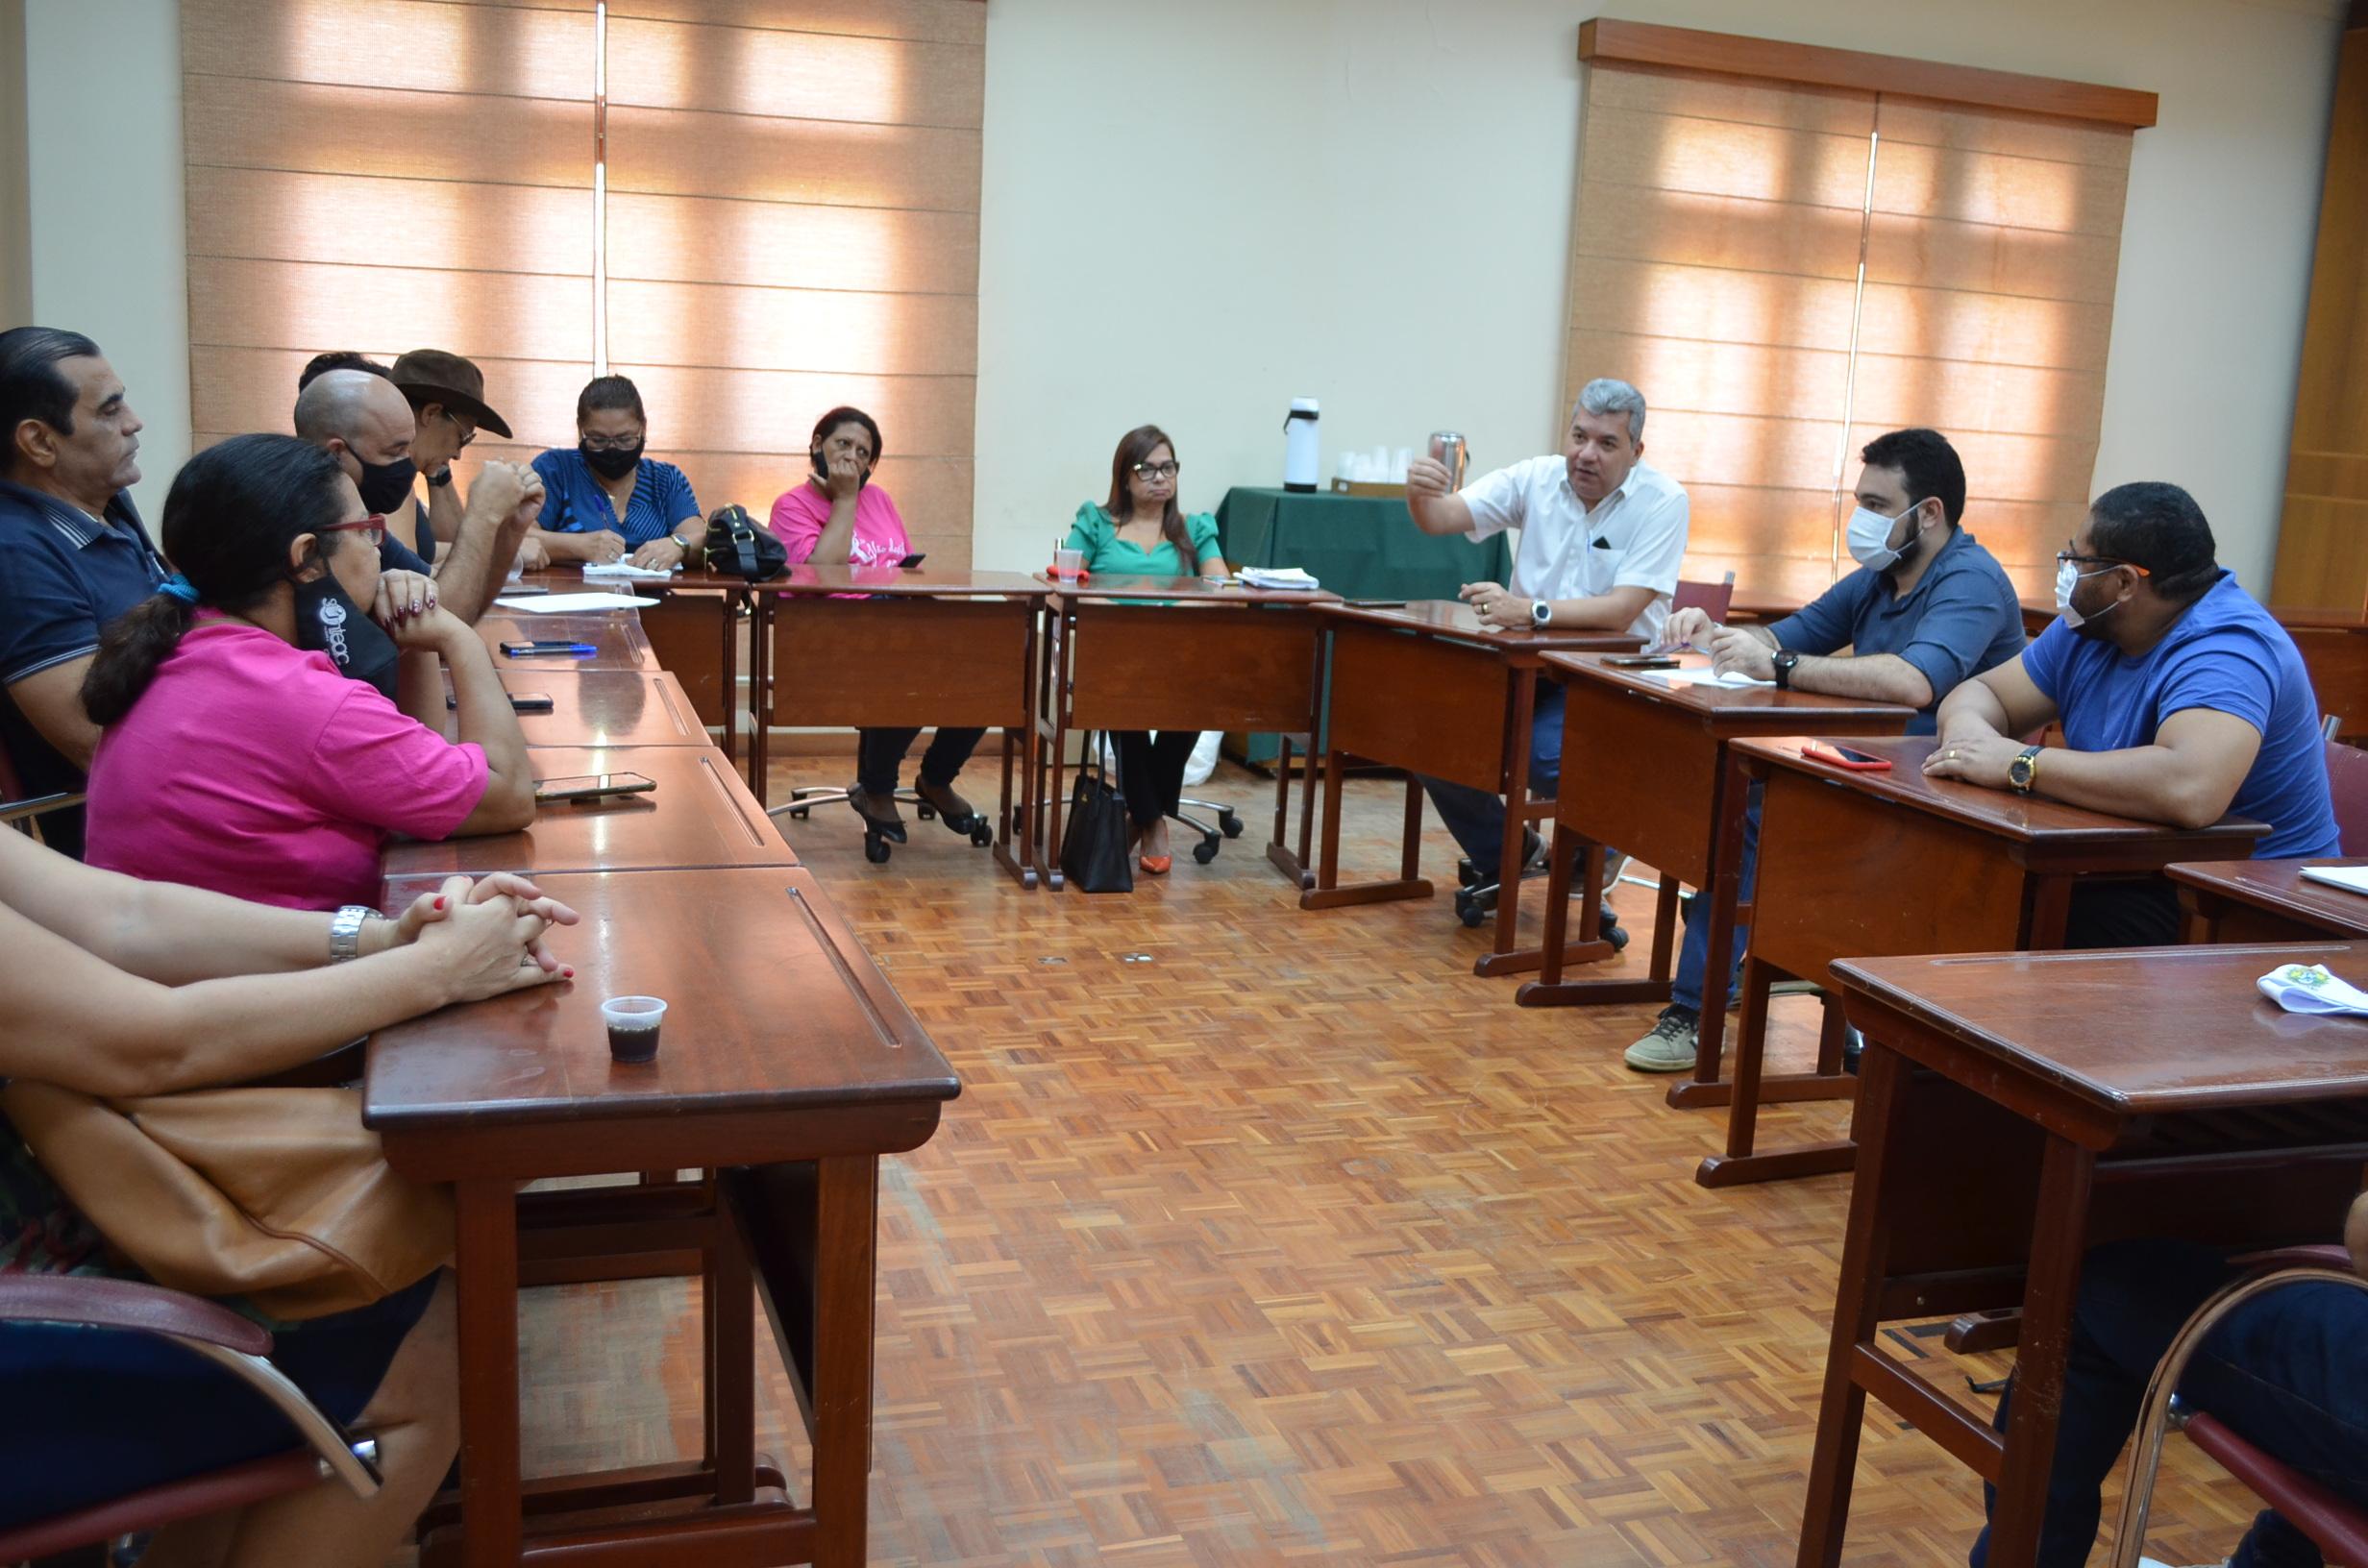 Educação do Estado dialoga com sindicatos sobre melhorias profissionais